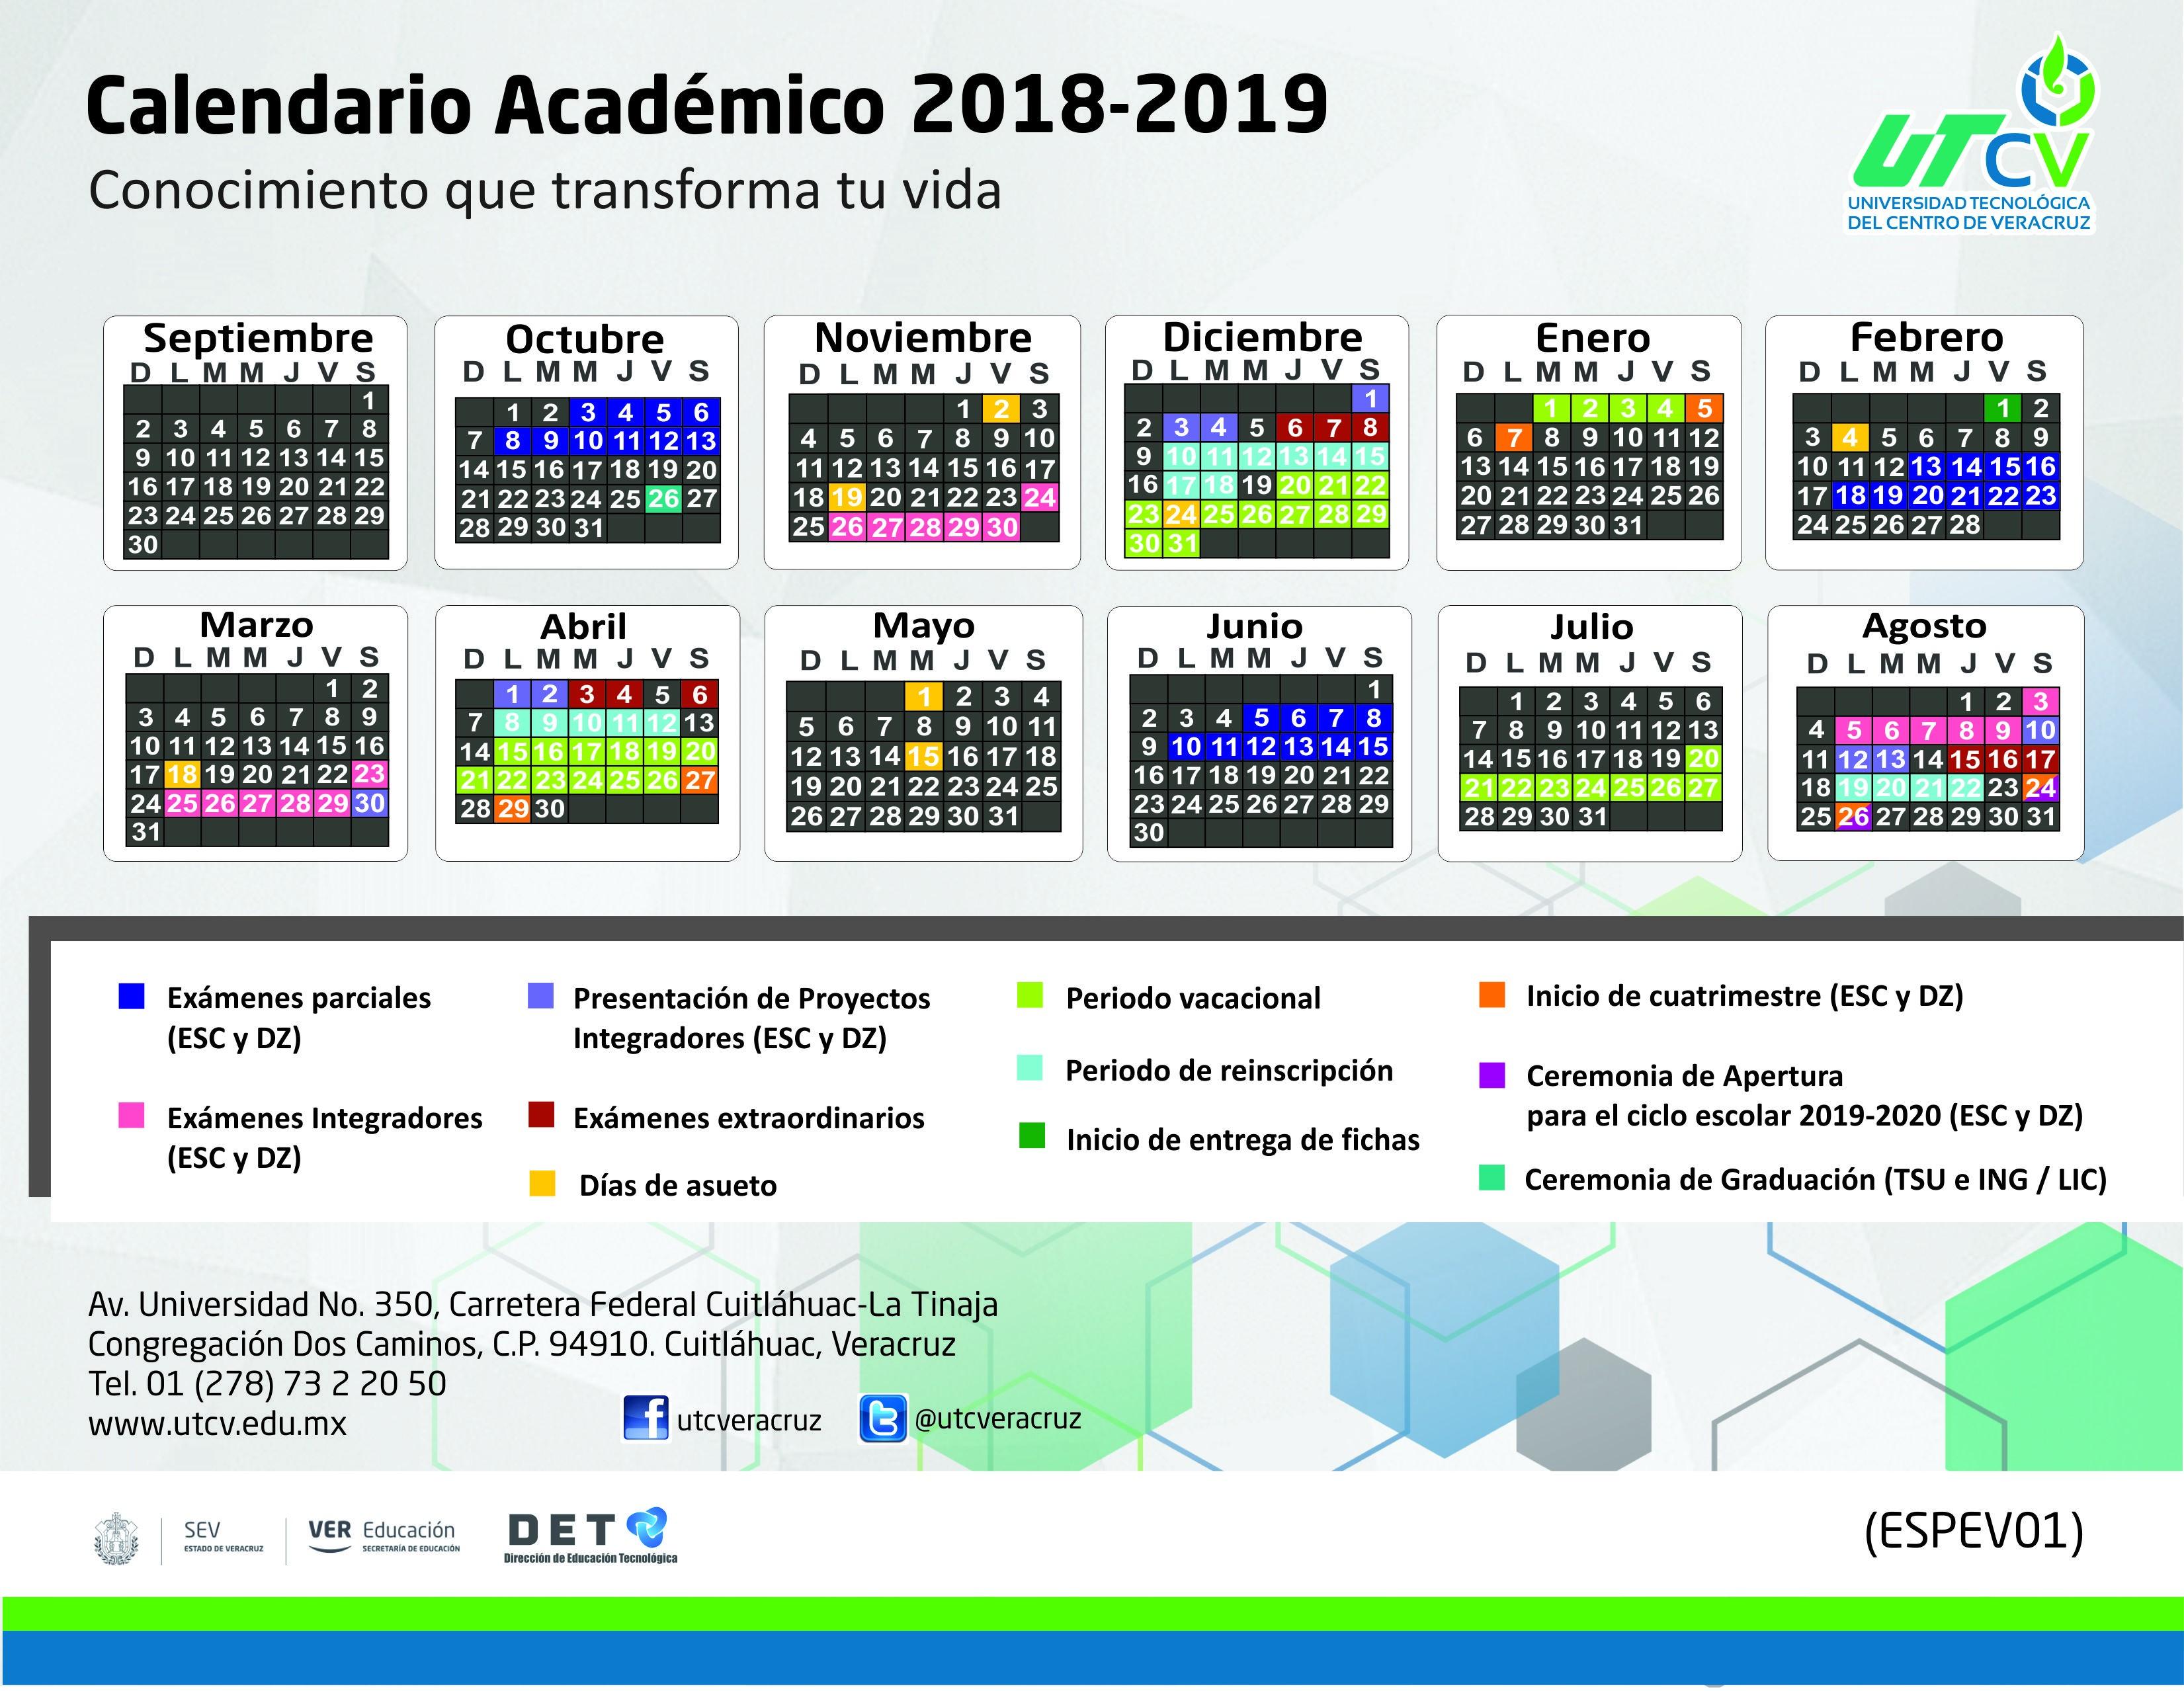 Calendario Escolar 2019 Baja California Recientes Universidad Tecnol³gica Del Centro De Veracruz Of Calendario Escolar 2019 Baja California Mejores Y Más Novedosos Universidad Aut³noma De Baja California Sur